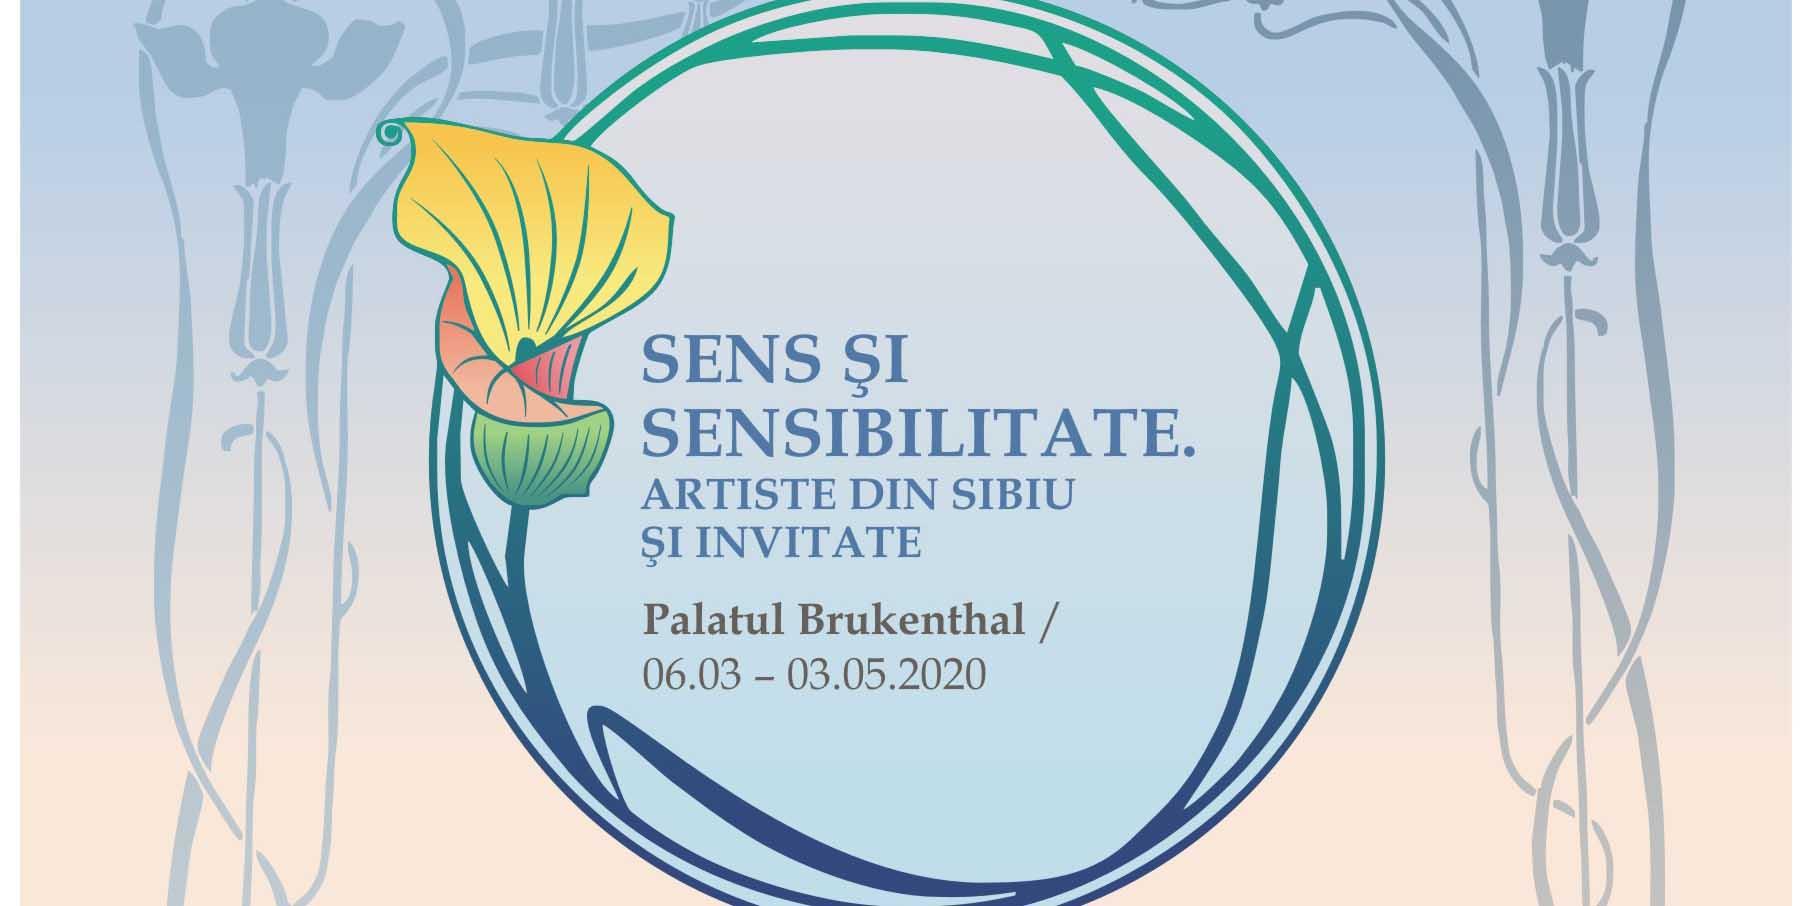 Sens și sensibilitate. 32 de artiste din Sibiu și invitatele lor expun la Brukenthal